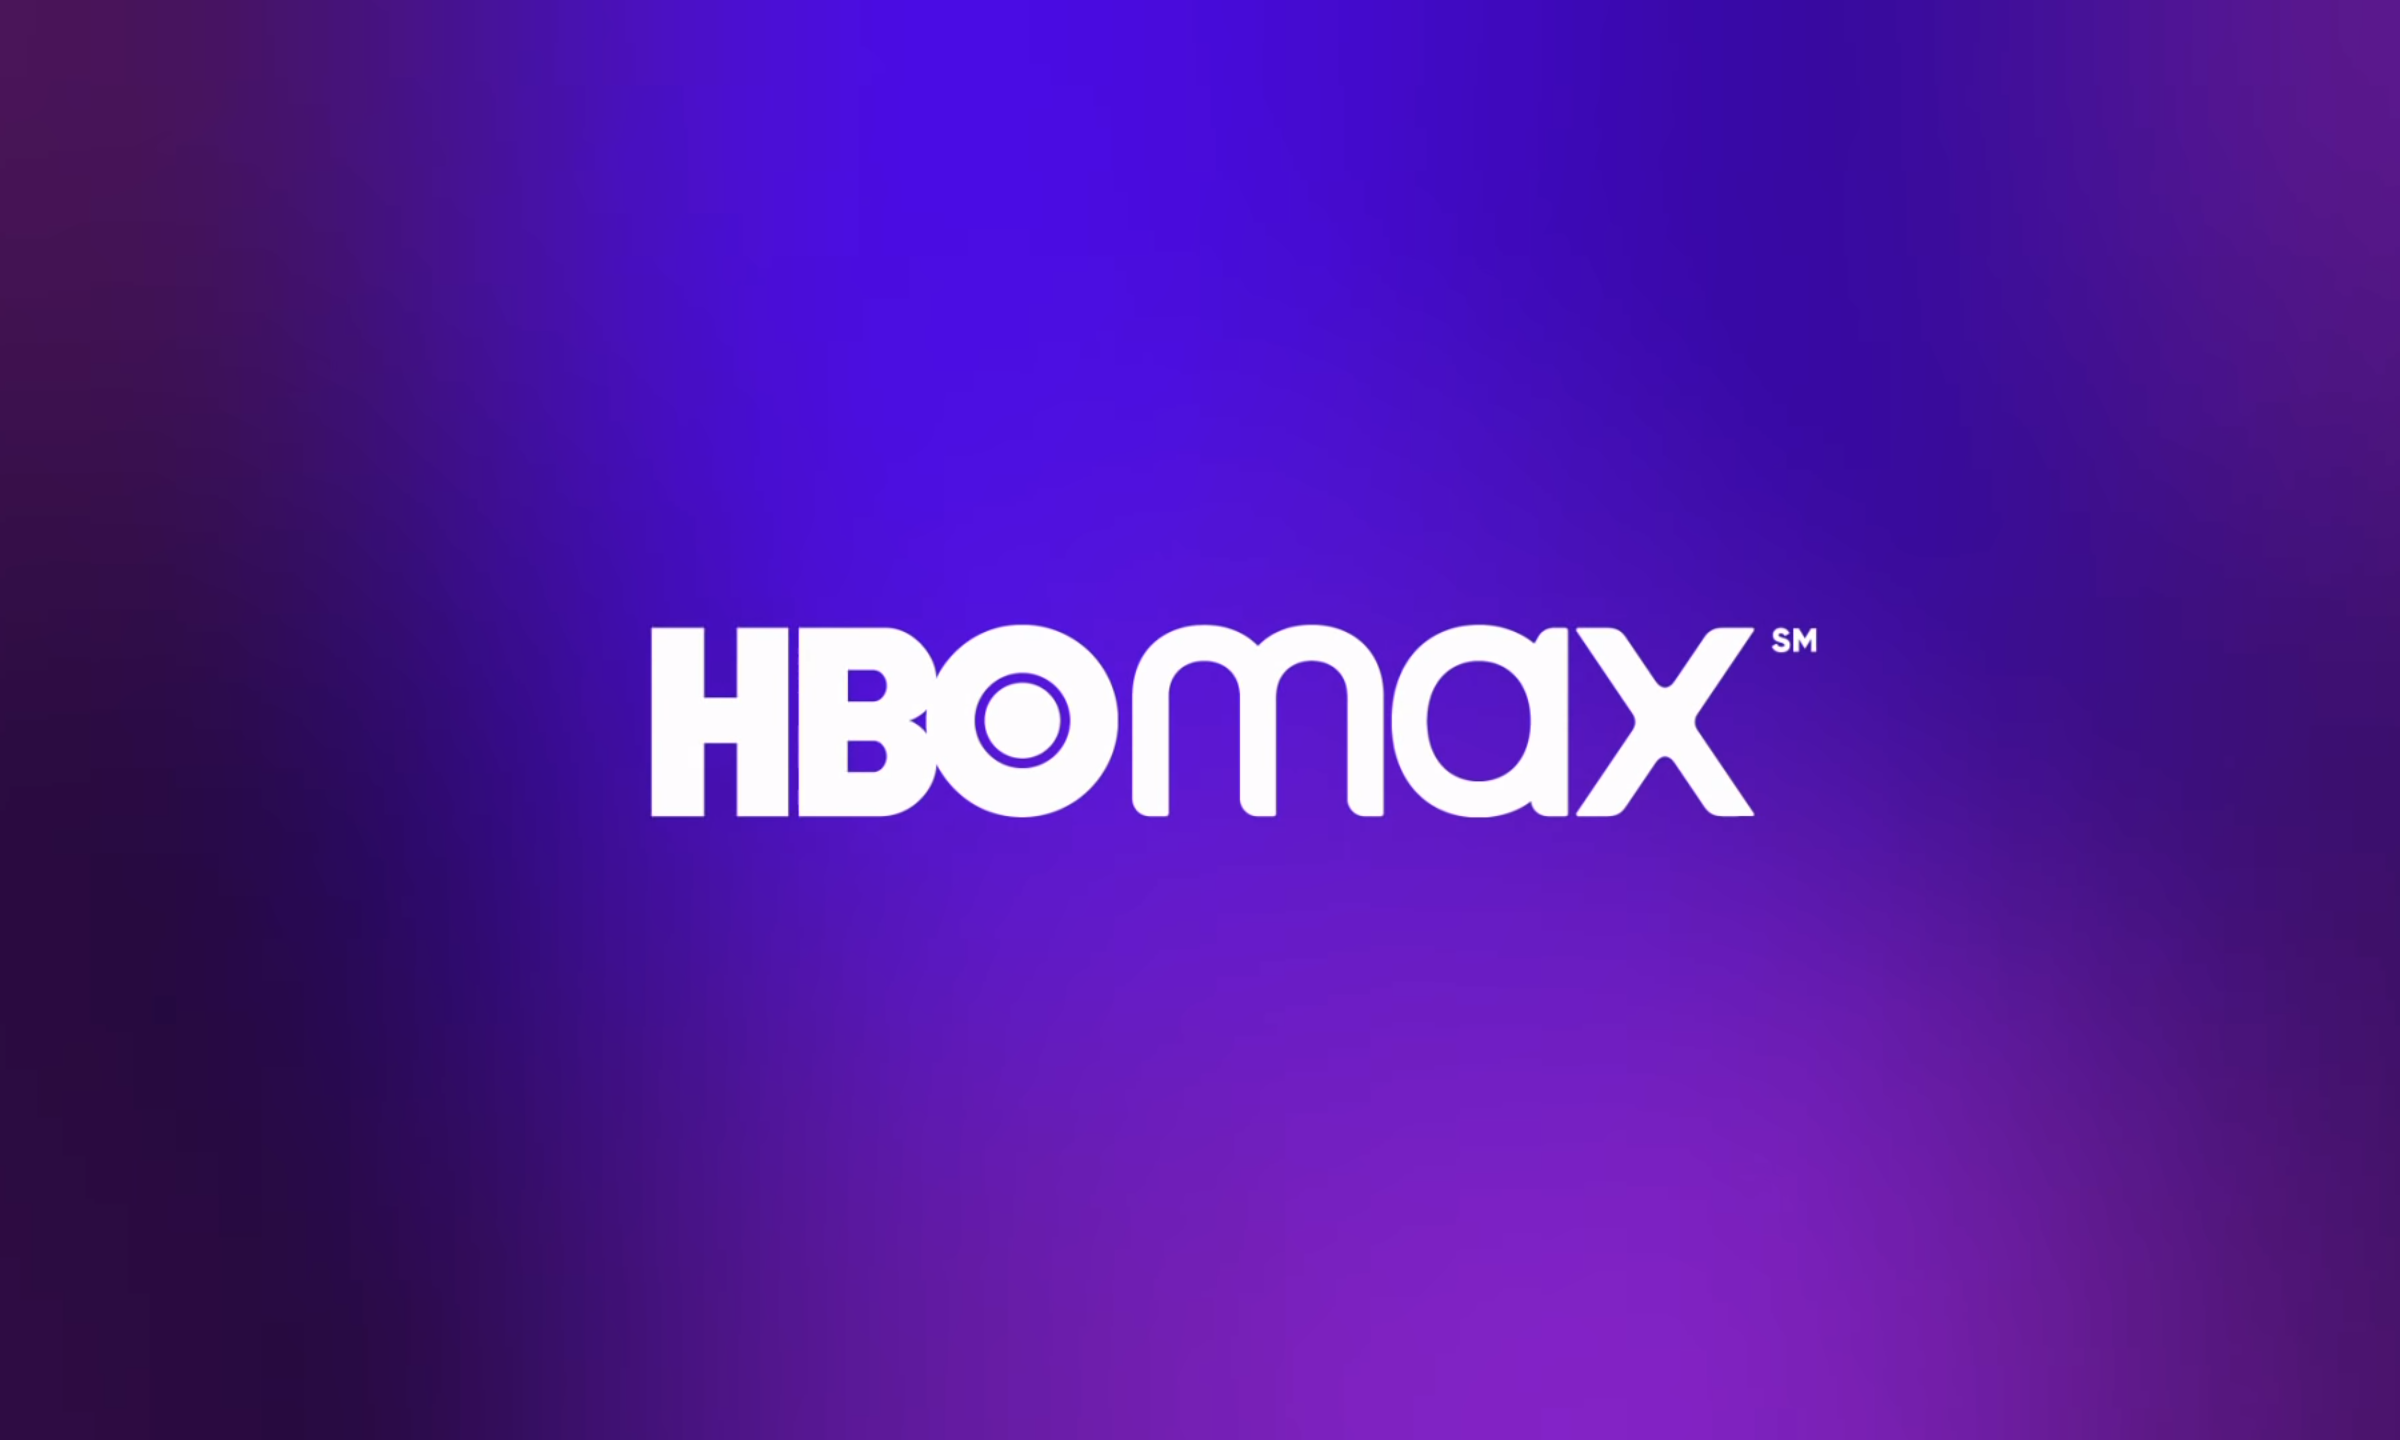 华纳流媒体平台 HBO Max 将于 5 月上线